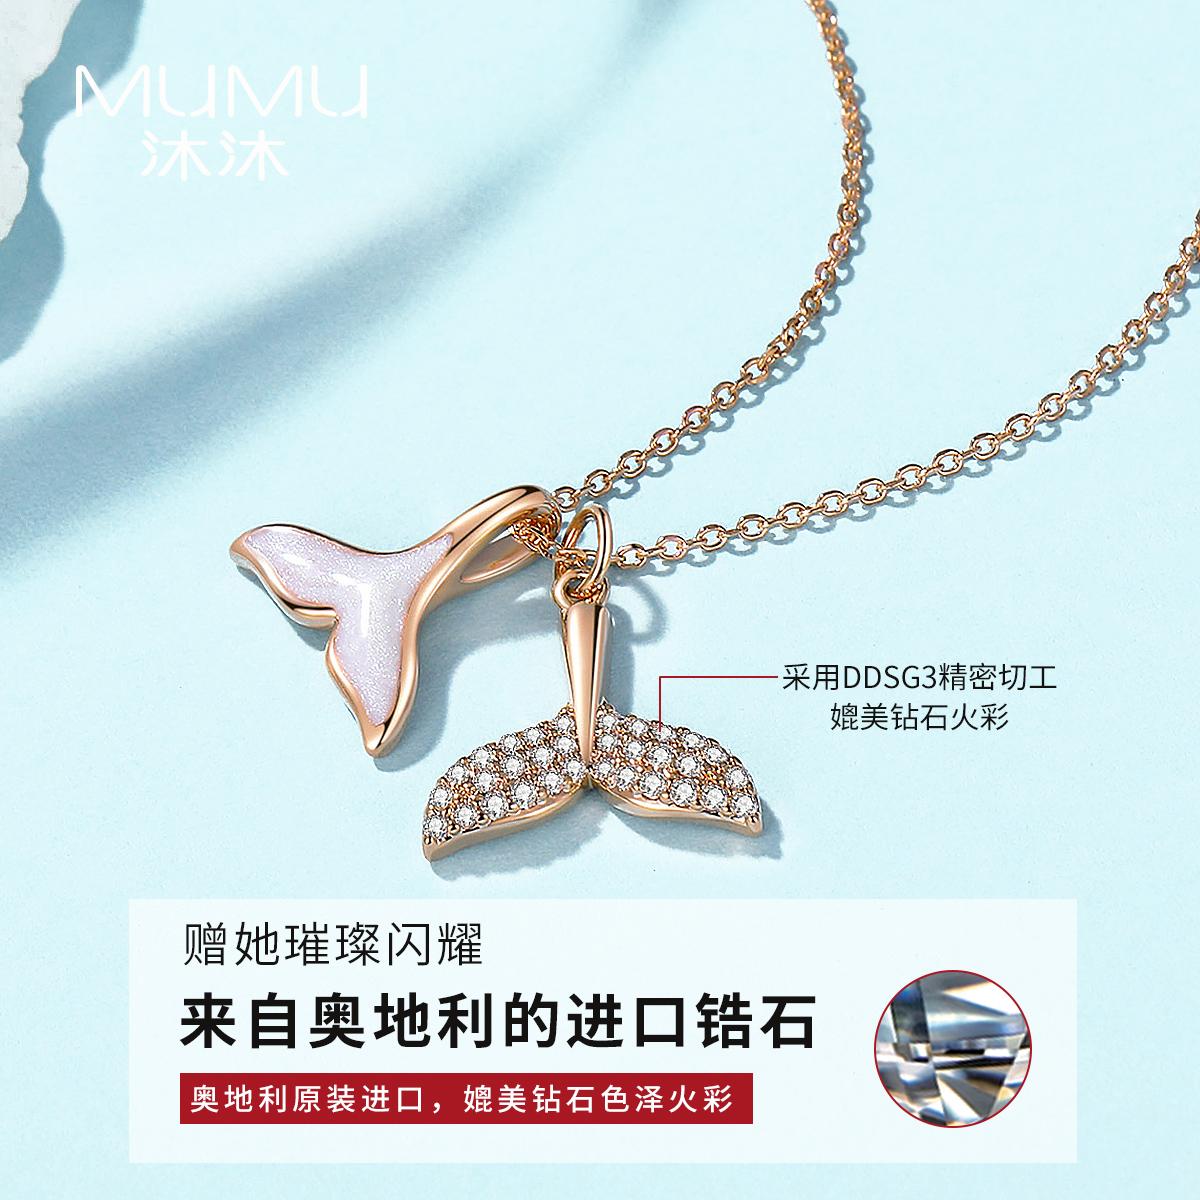 项链女美人鱼尾颈链潮网红S925纯银玫瑰金锁骨链